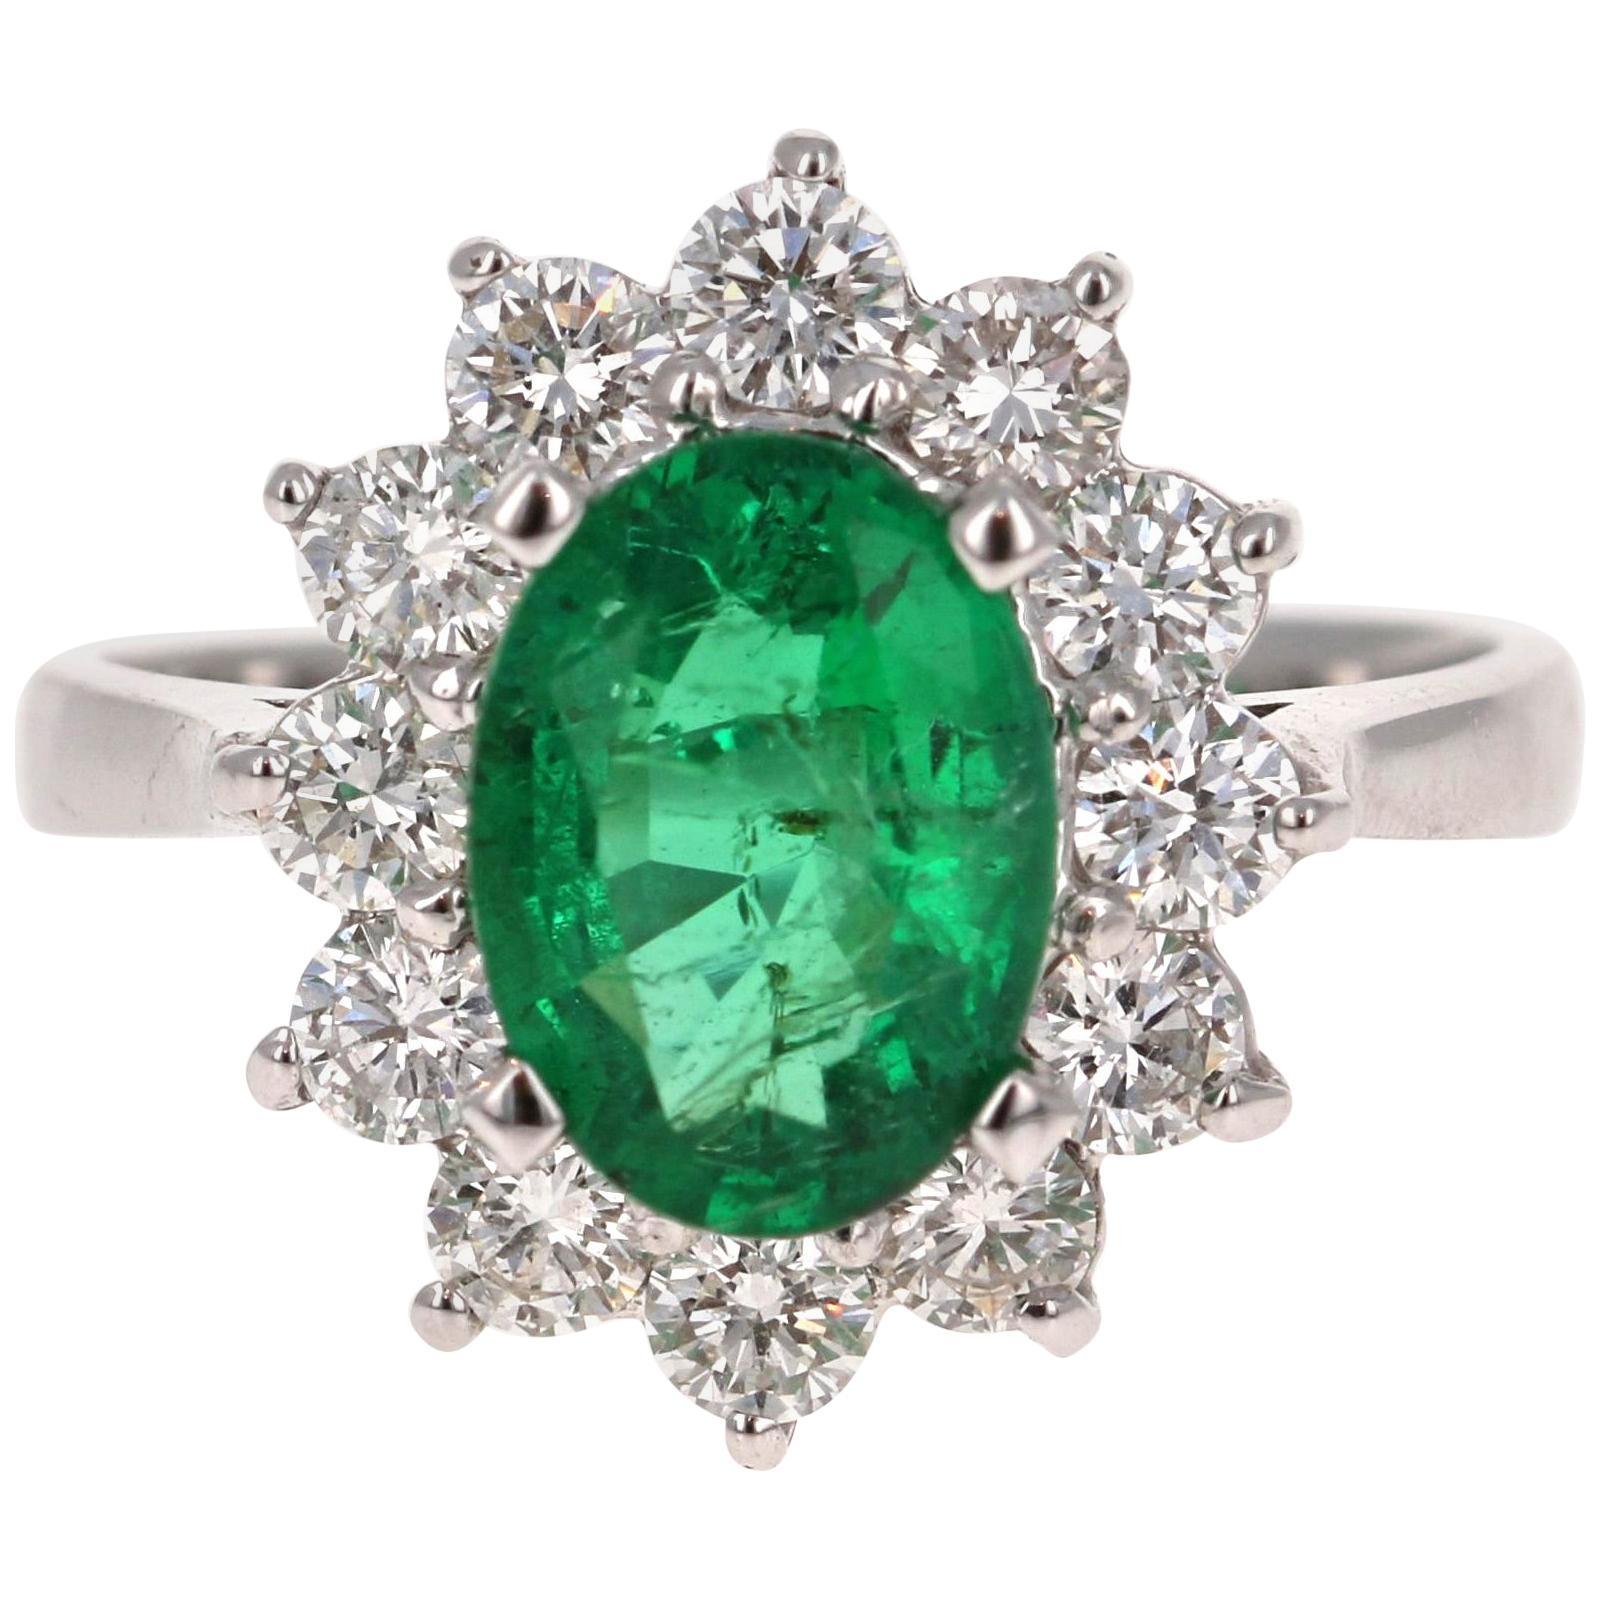 2.99 Carat Emerald Diamond 18 Karat White Gold Engagement GIA Certified Ring